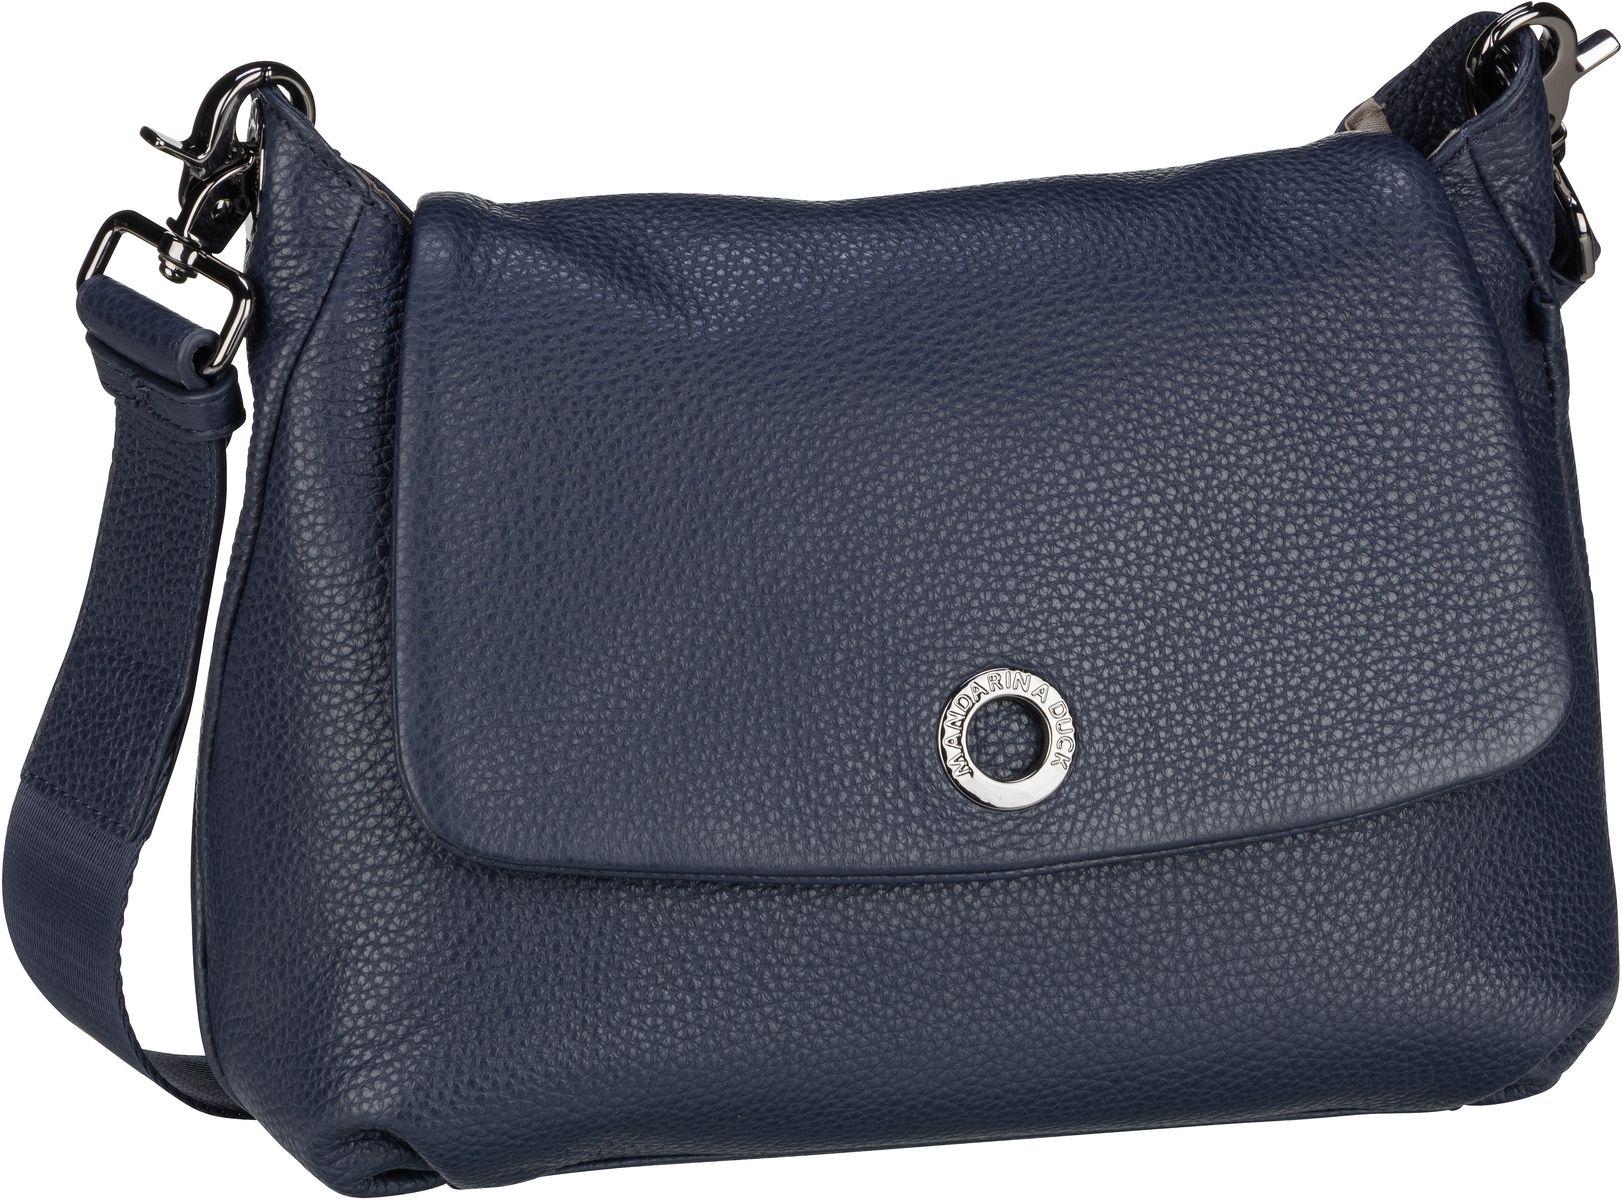 Umhängetasche Mellow Leather Small Shoulder Bag FZT31 Dress Blue